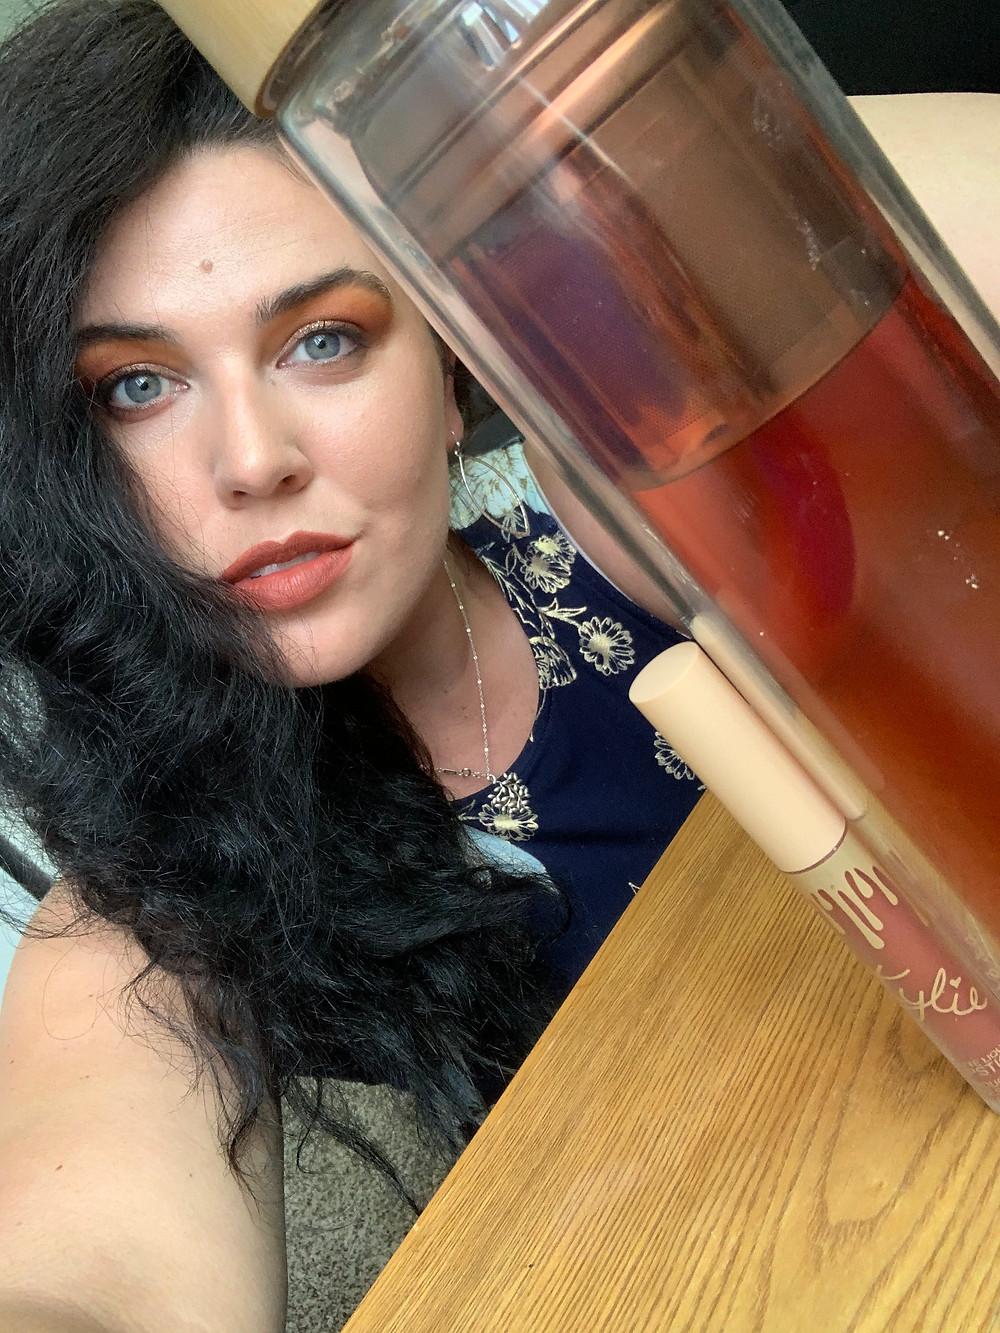 Bliss Tea and Treats